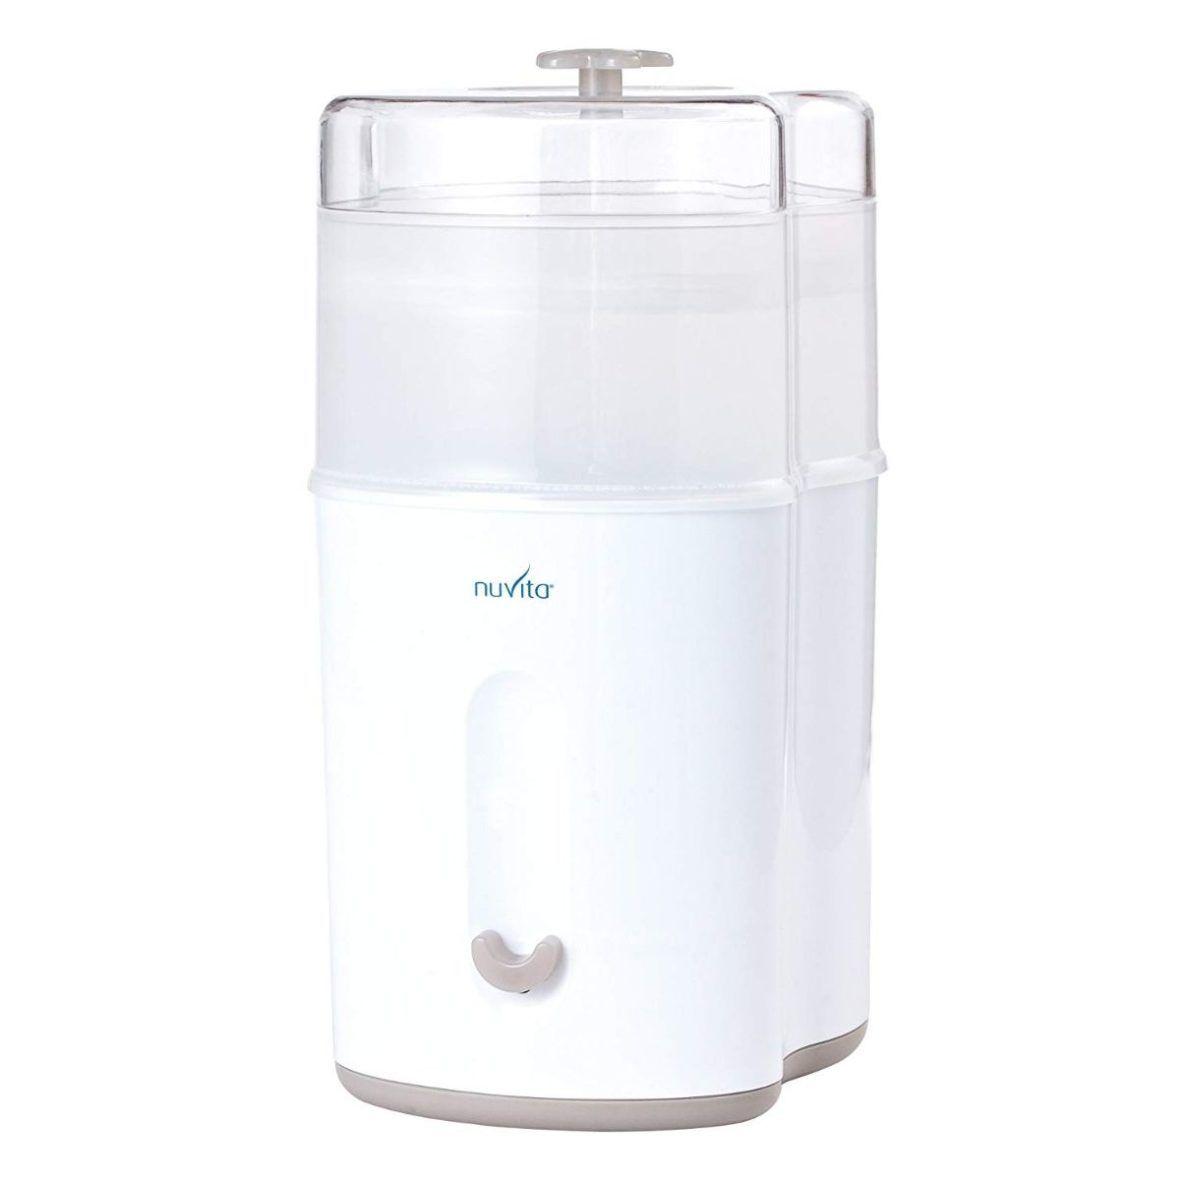 Esterilizador compacto nuvita